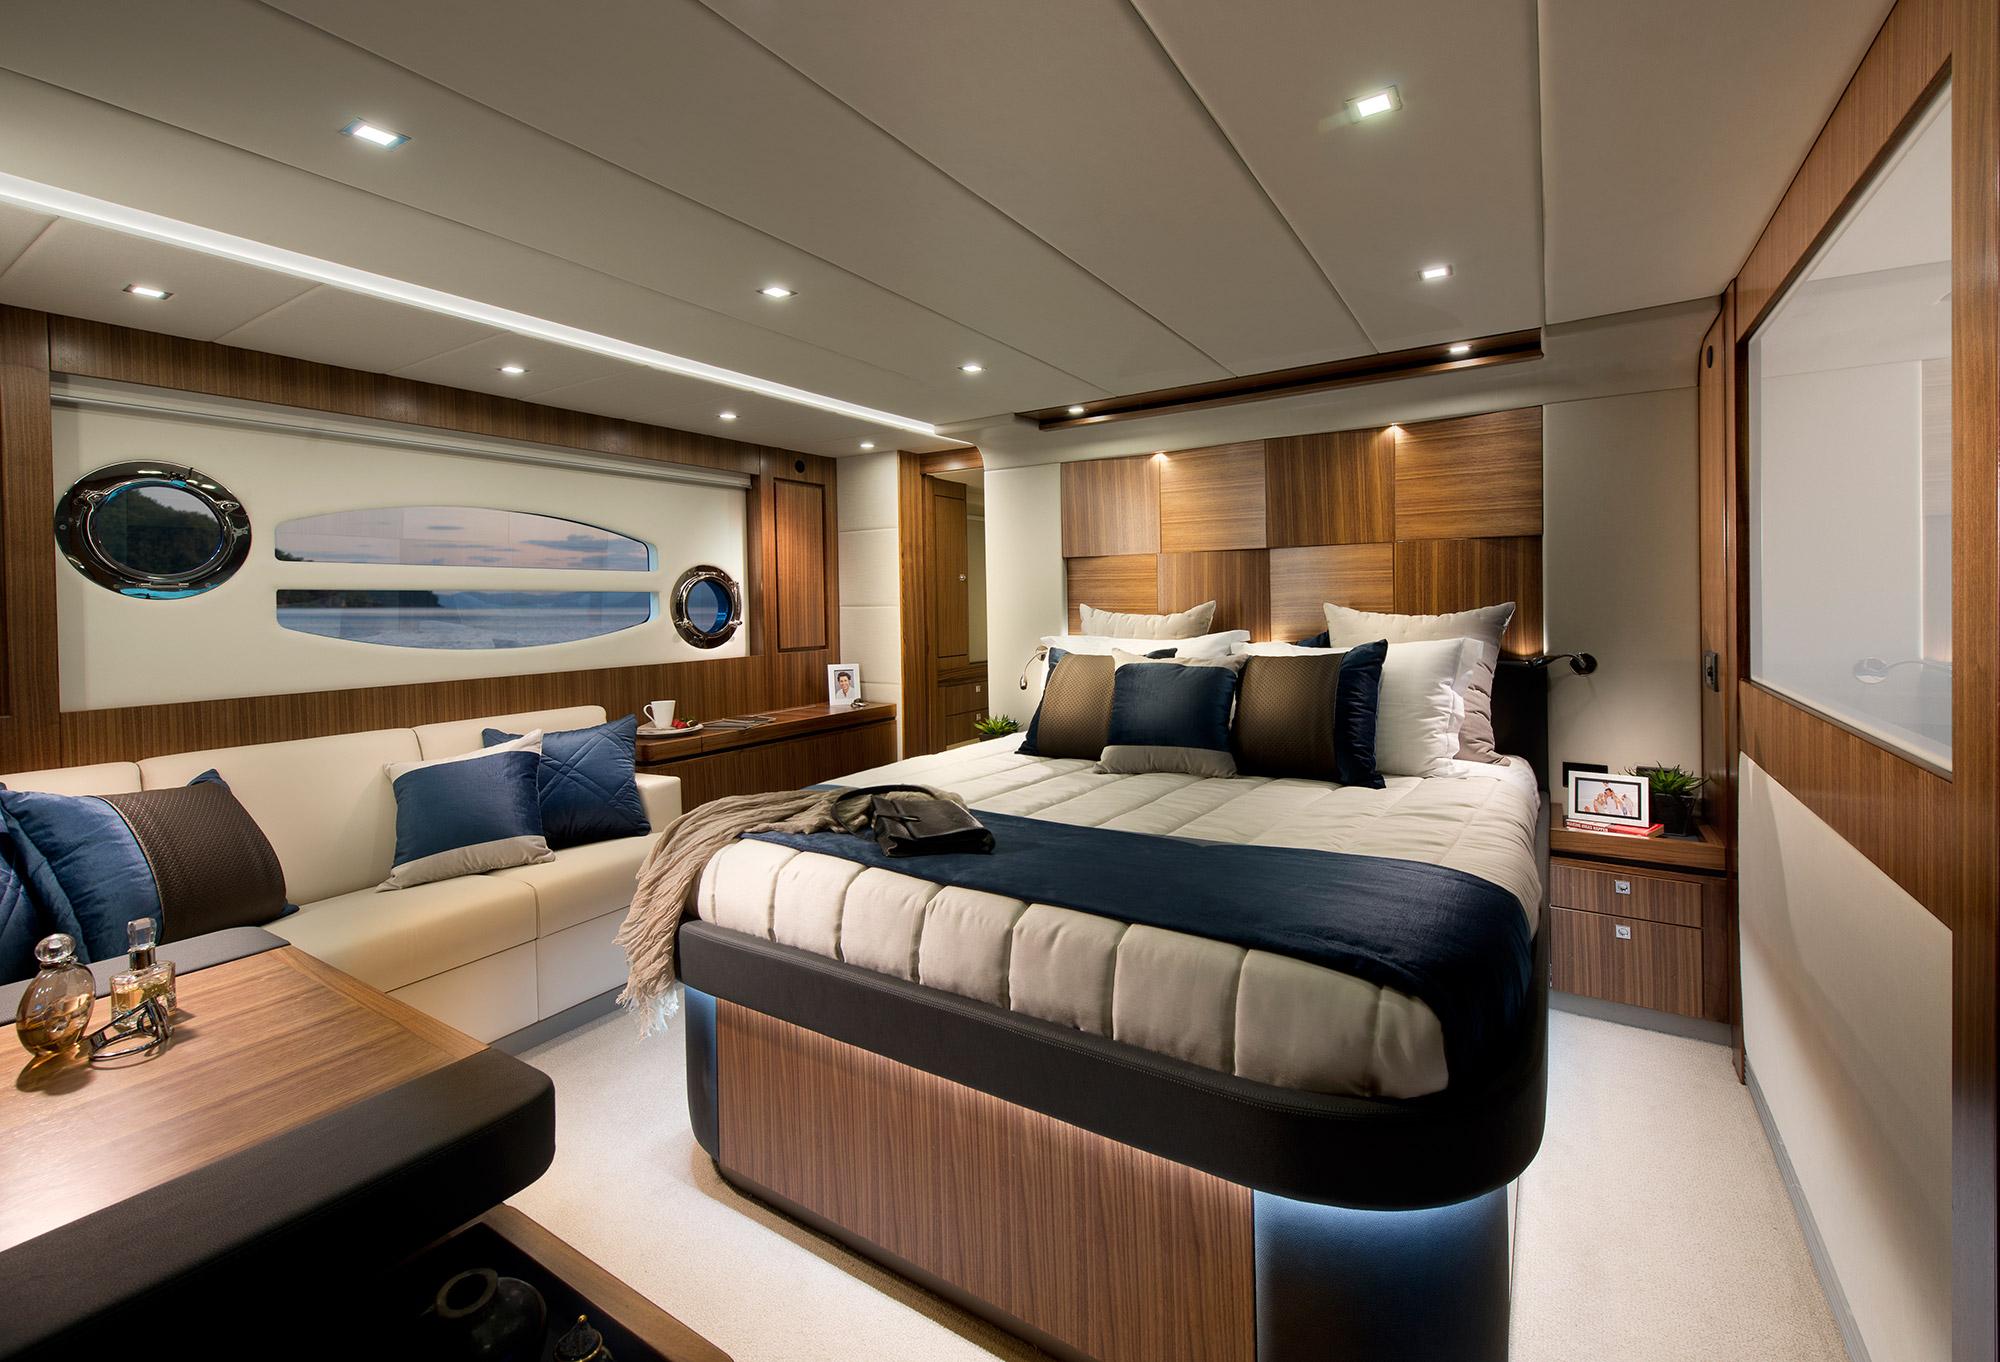 Yachten von innen  Riviera 6000 Sport Yacht - eine Yacht von Charterboote.de ...